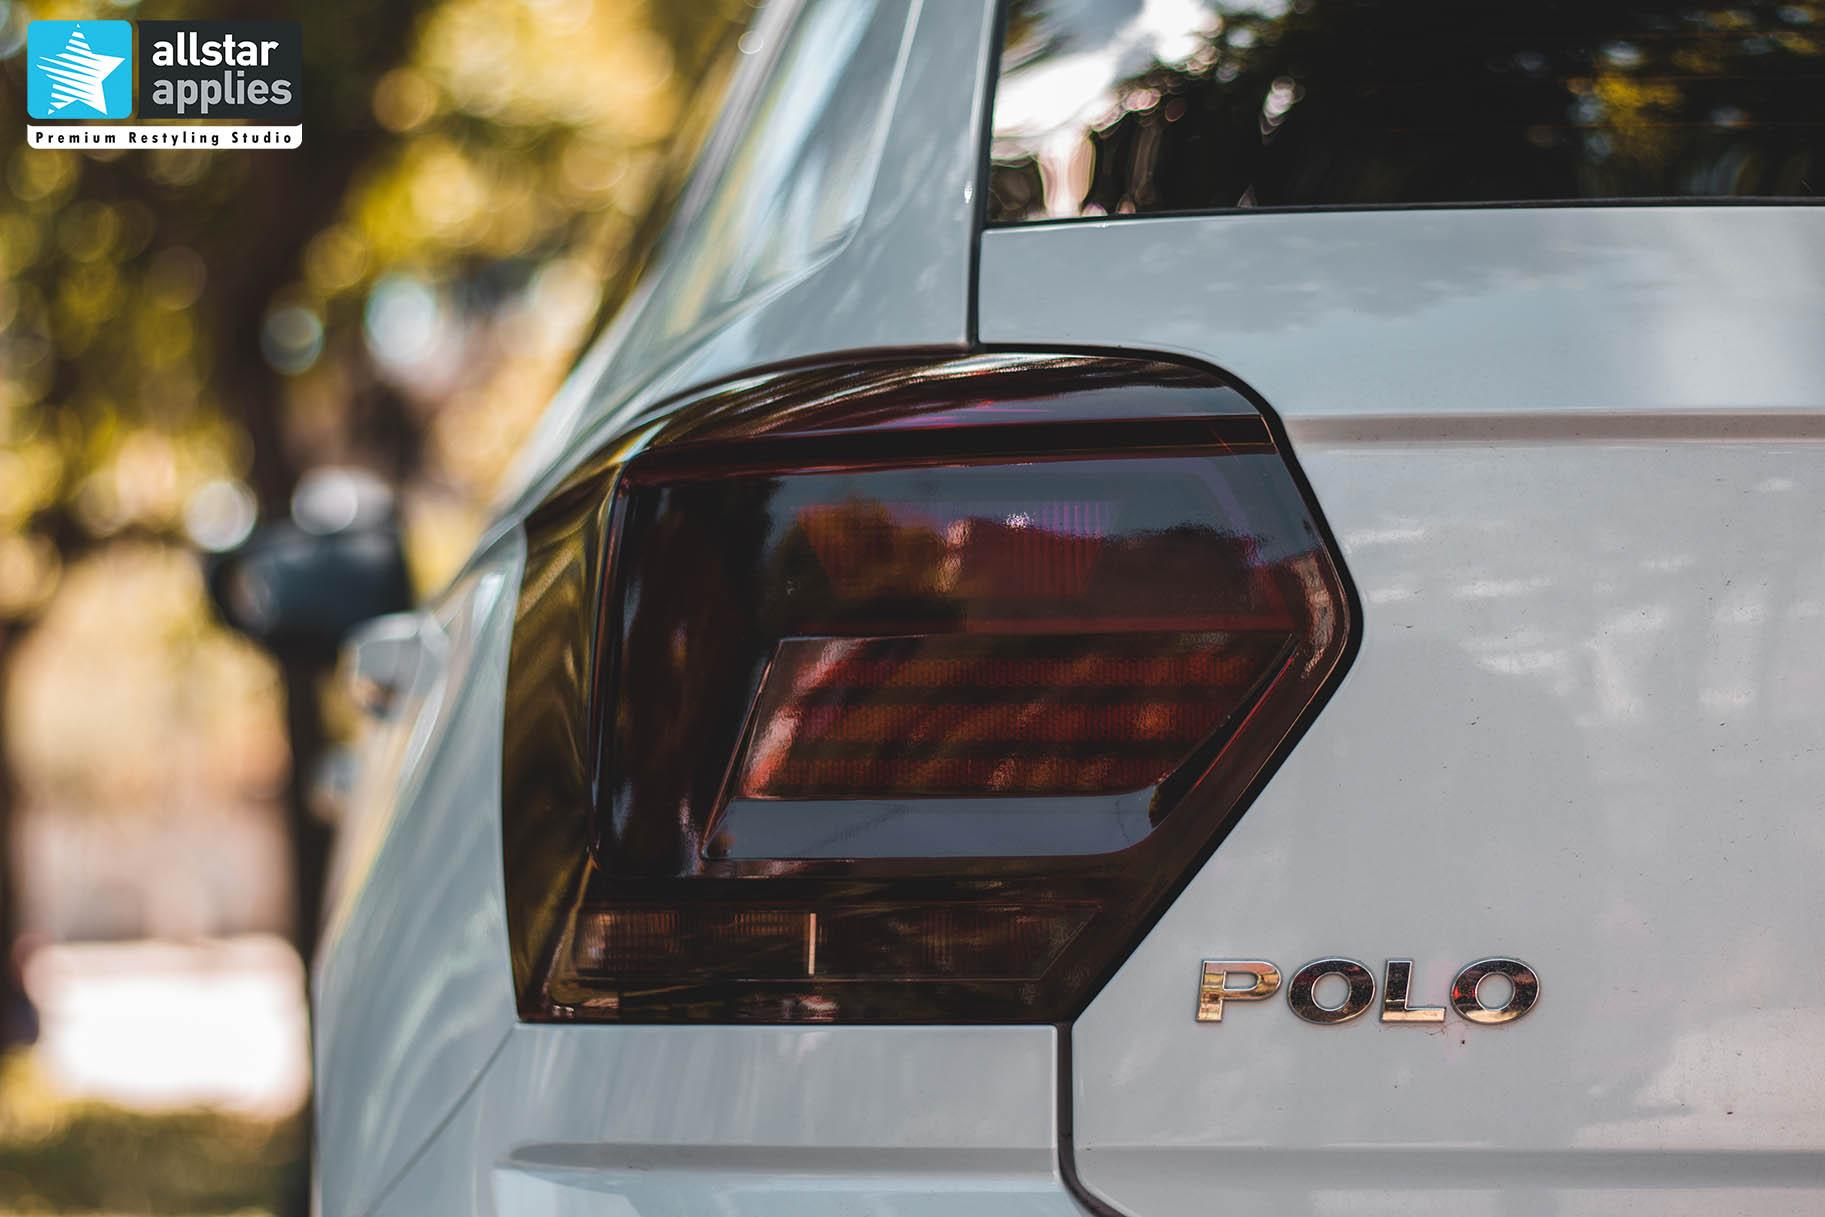 VW POLO 2020 WINDOW TINT - SMOKE TINT (4)